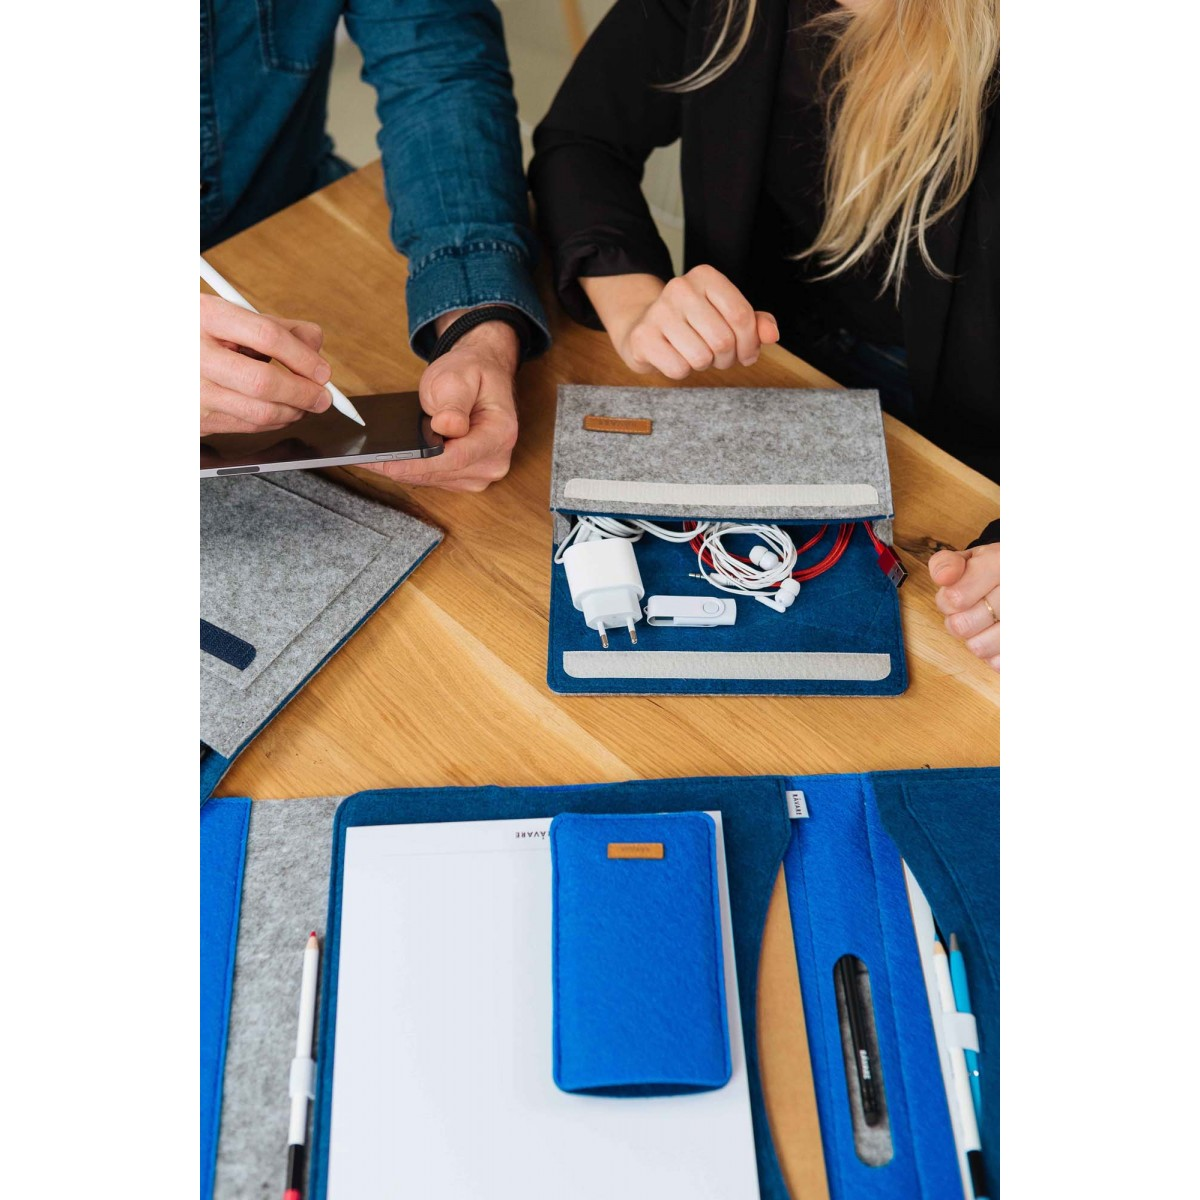 RÅVARE Kabeltasche aus Filz, für Netzteile Maus und Kabel, Laptop Zubehör